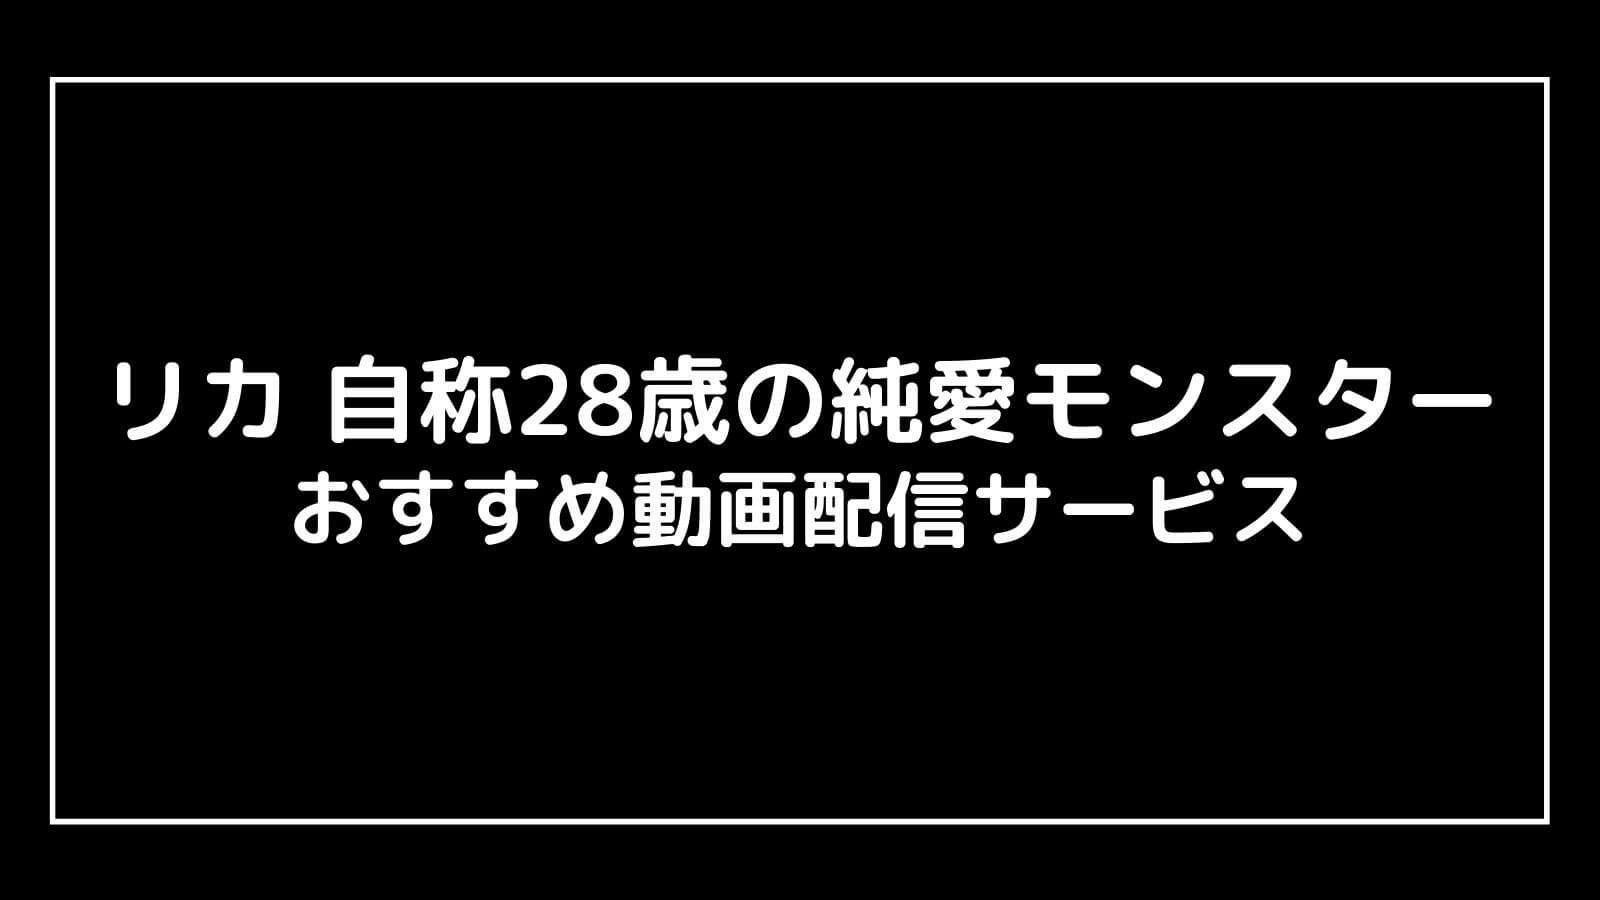 映画『リカ 自称28歳の純愛モンスター』の配信を無料視聴できるおすすめ動画配信サイト